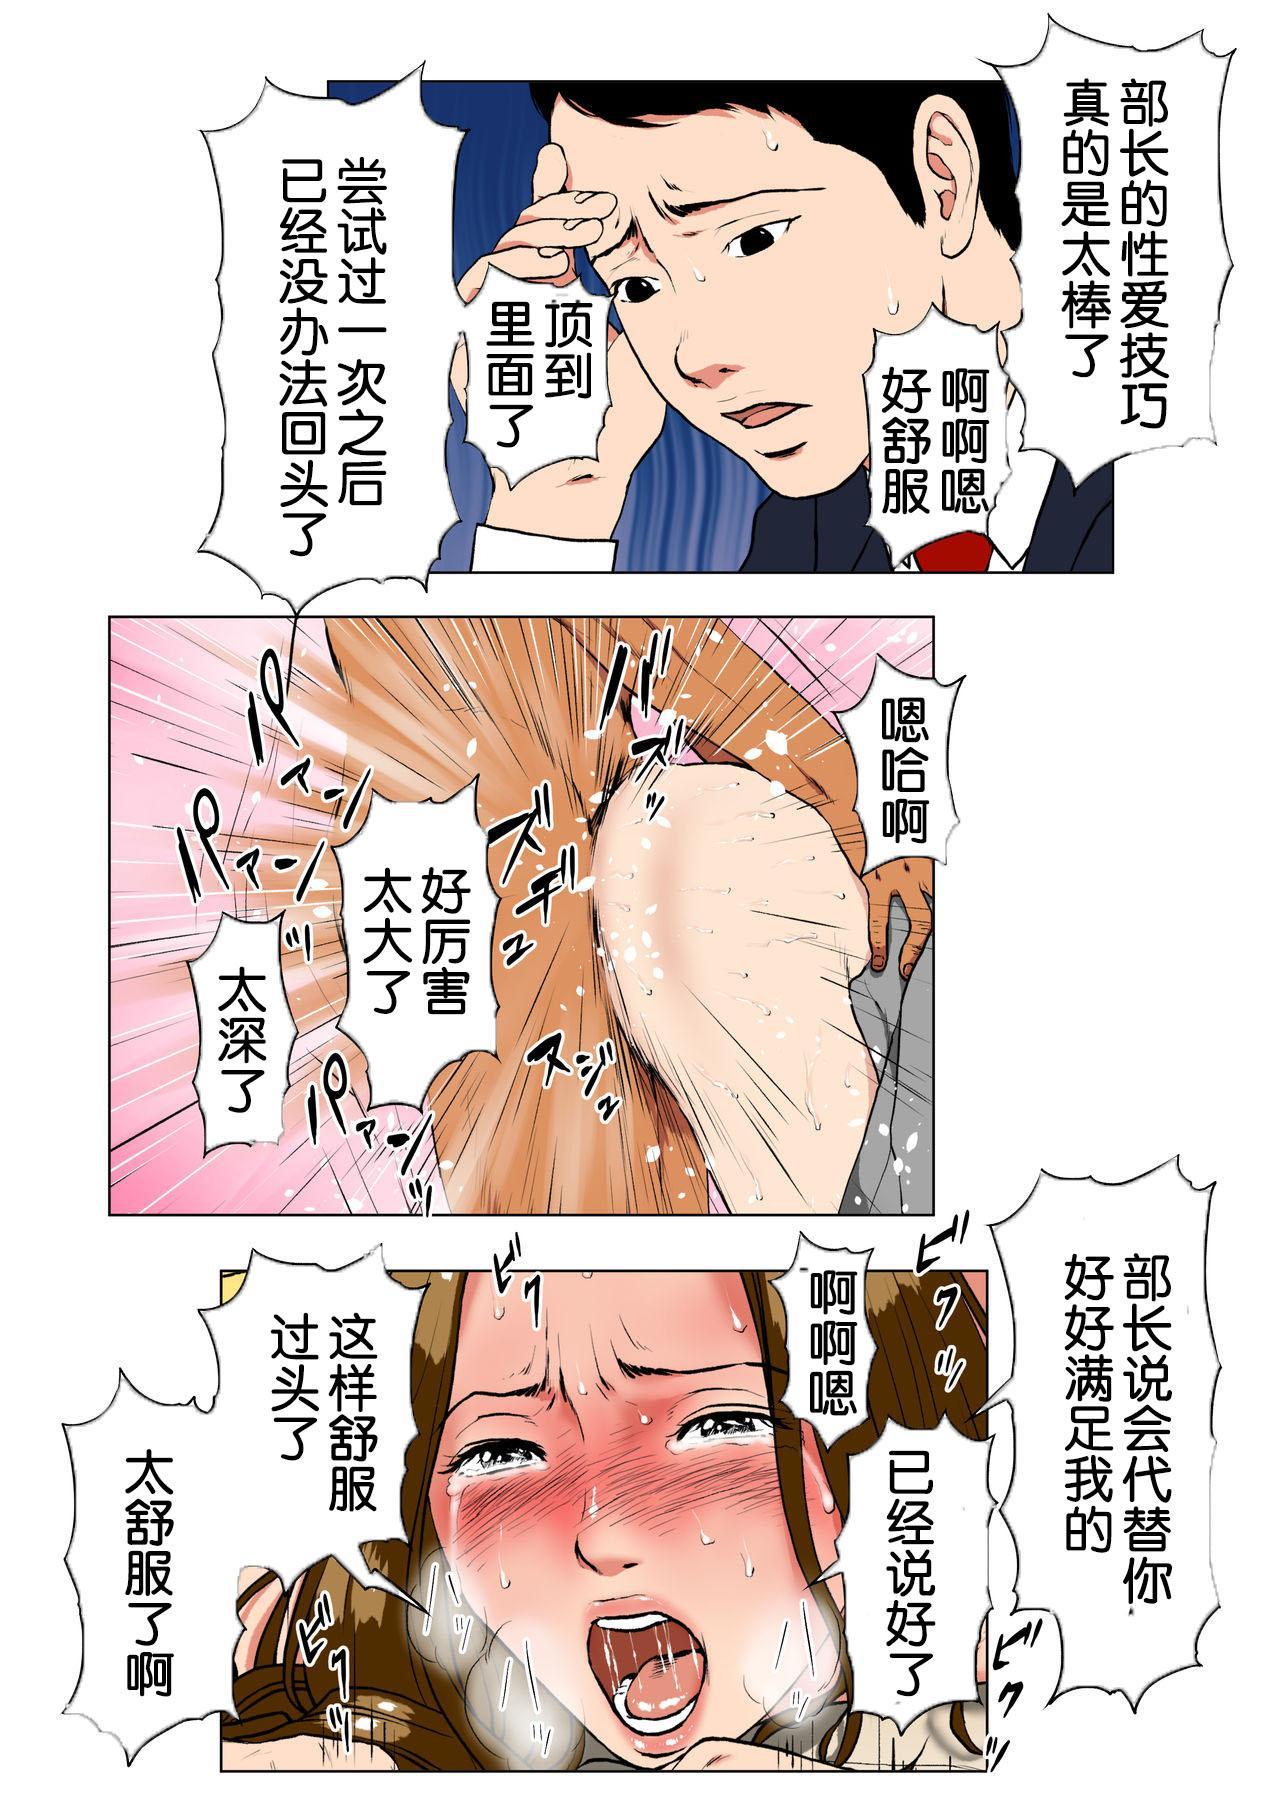 [W no Honnou] Shin, Boku no Tsuma to Kyokon no Moto AV Danyuu Buchou[Chinese]【不可视汉化】 80